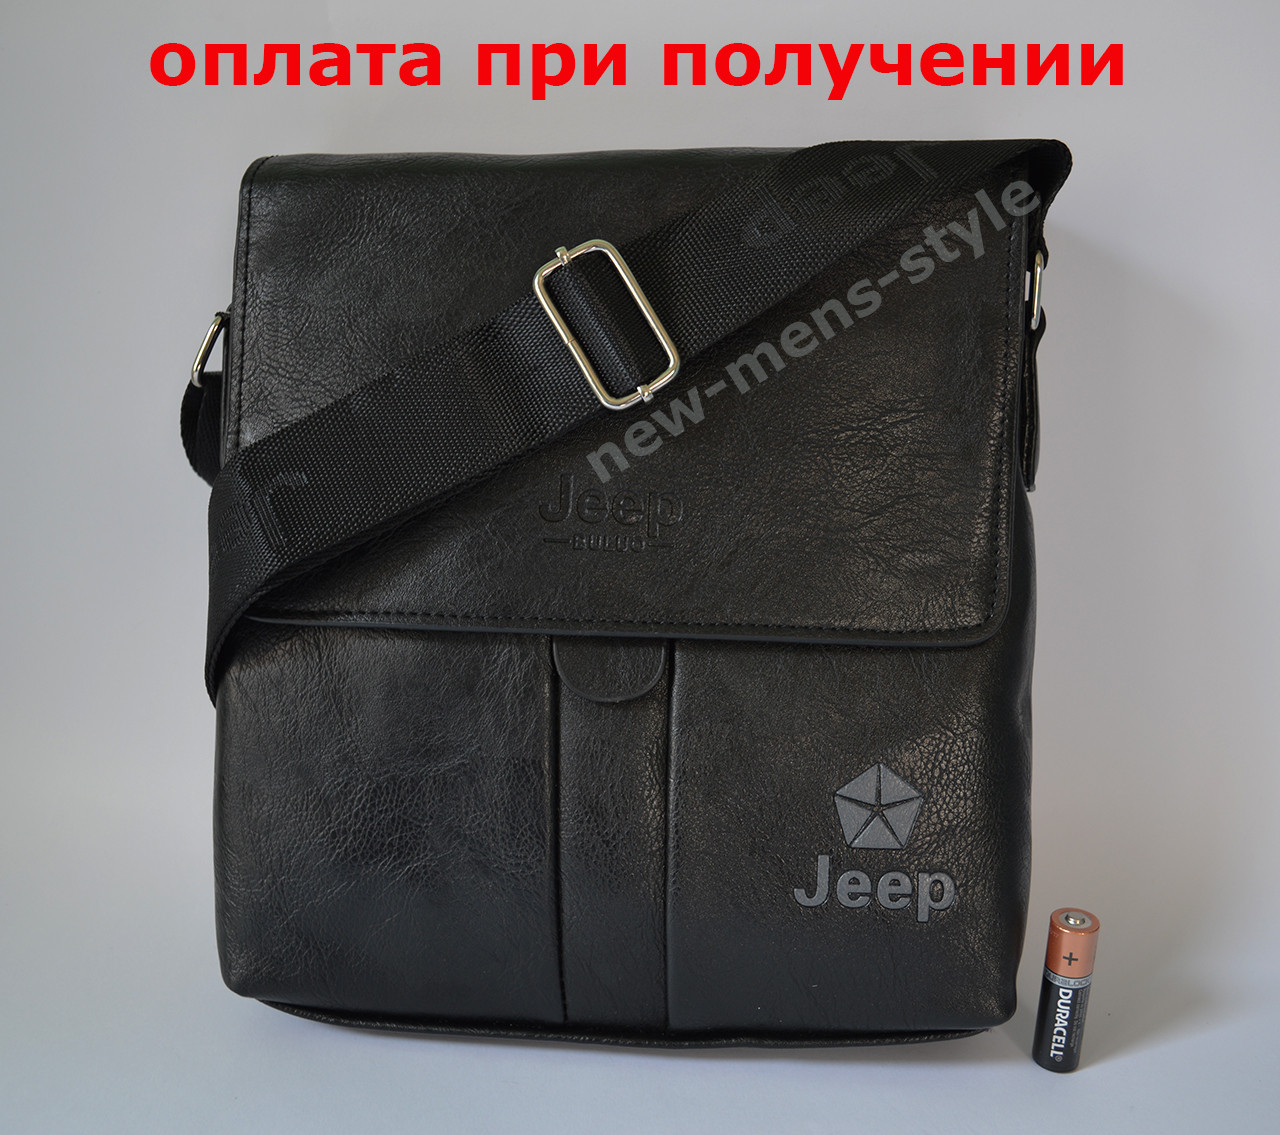 b1809522072c Купить сейчас - Мужская кожаная фирменная сумка барсетка Jeep Polo ...